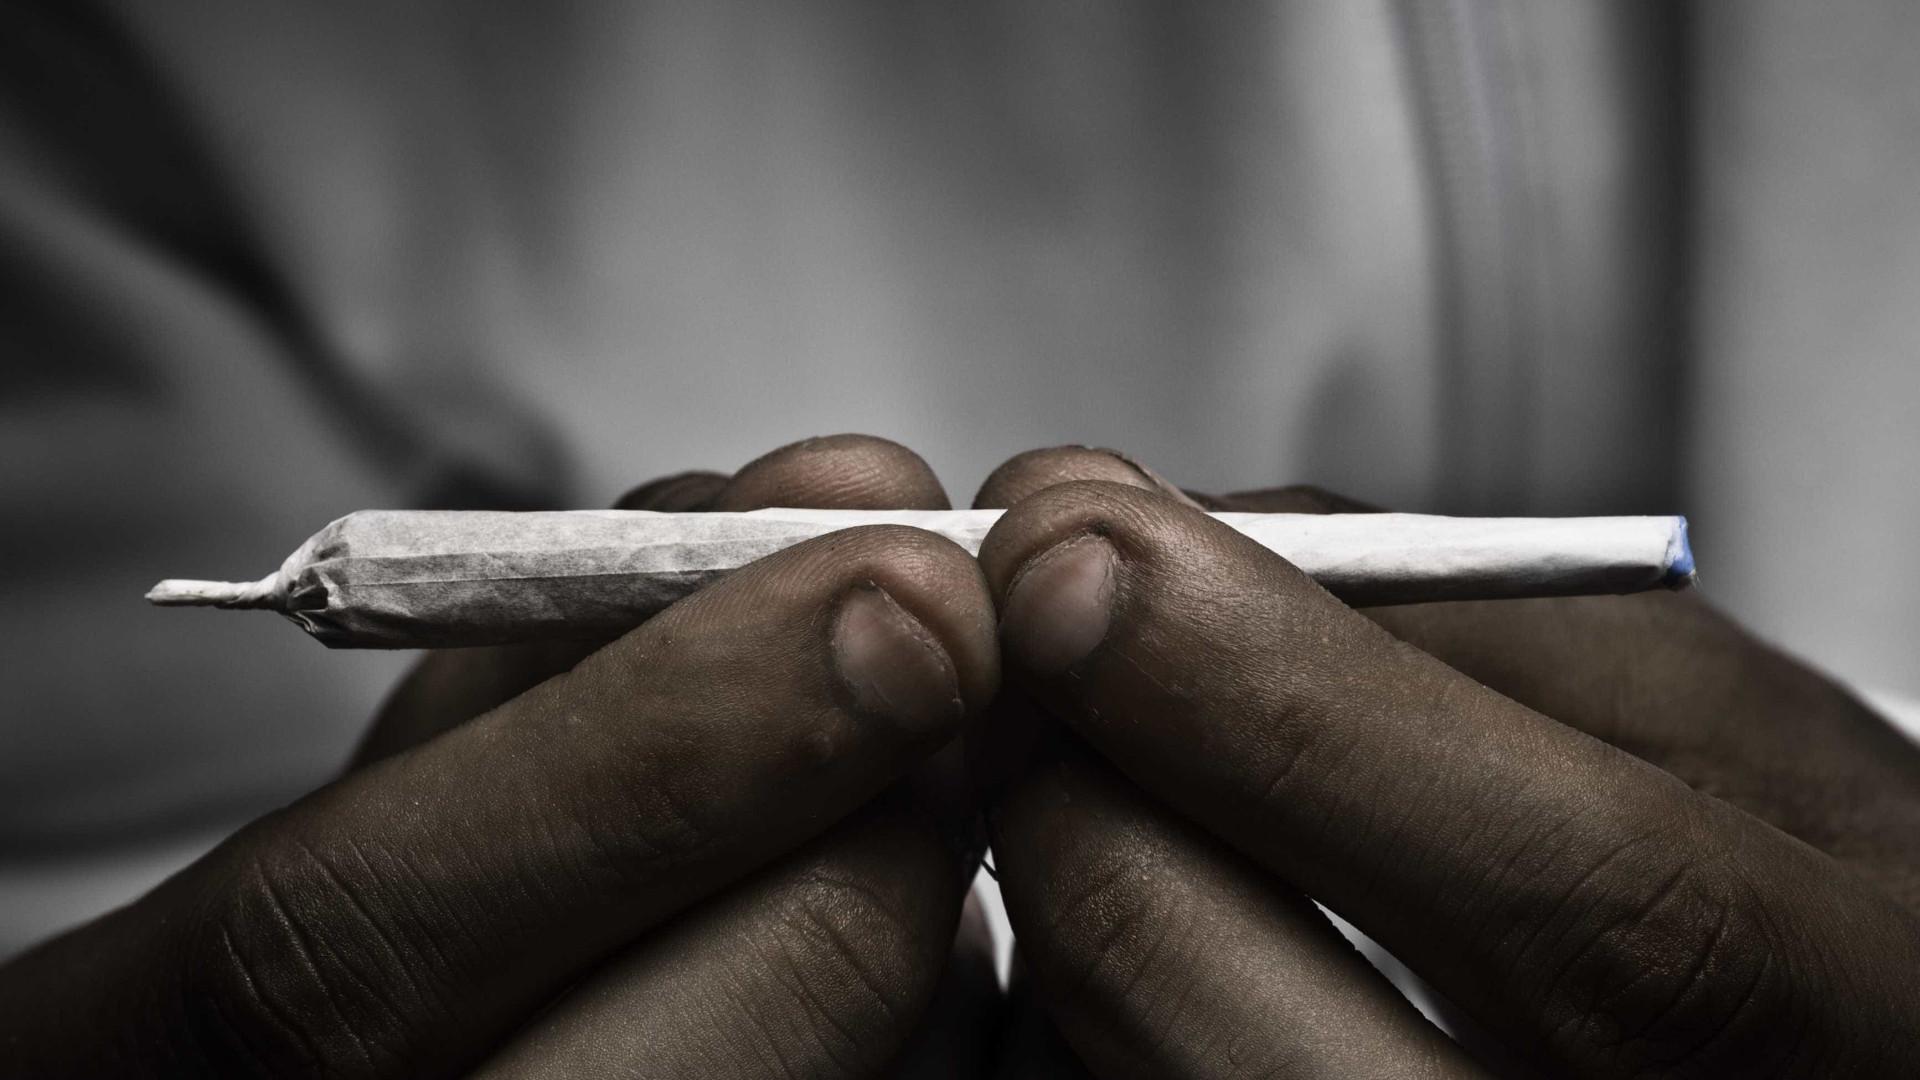 Traficante de droga confunde carro da polícia com táxi